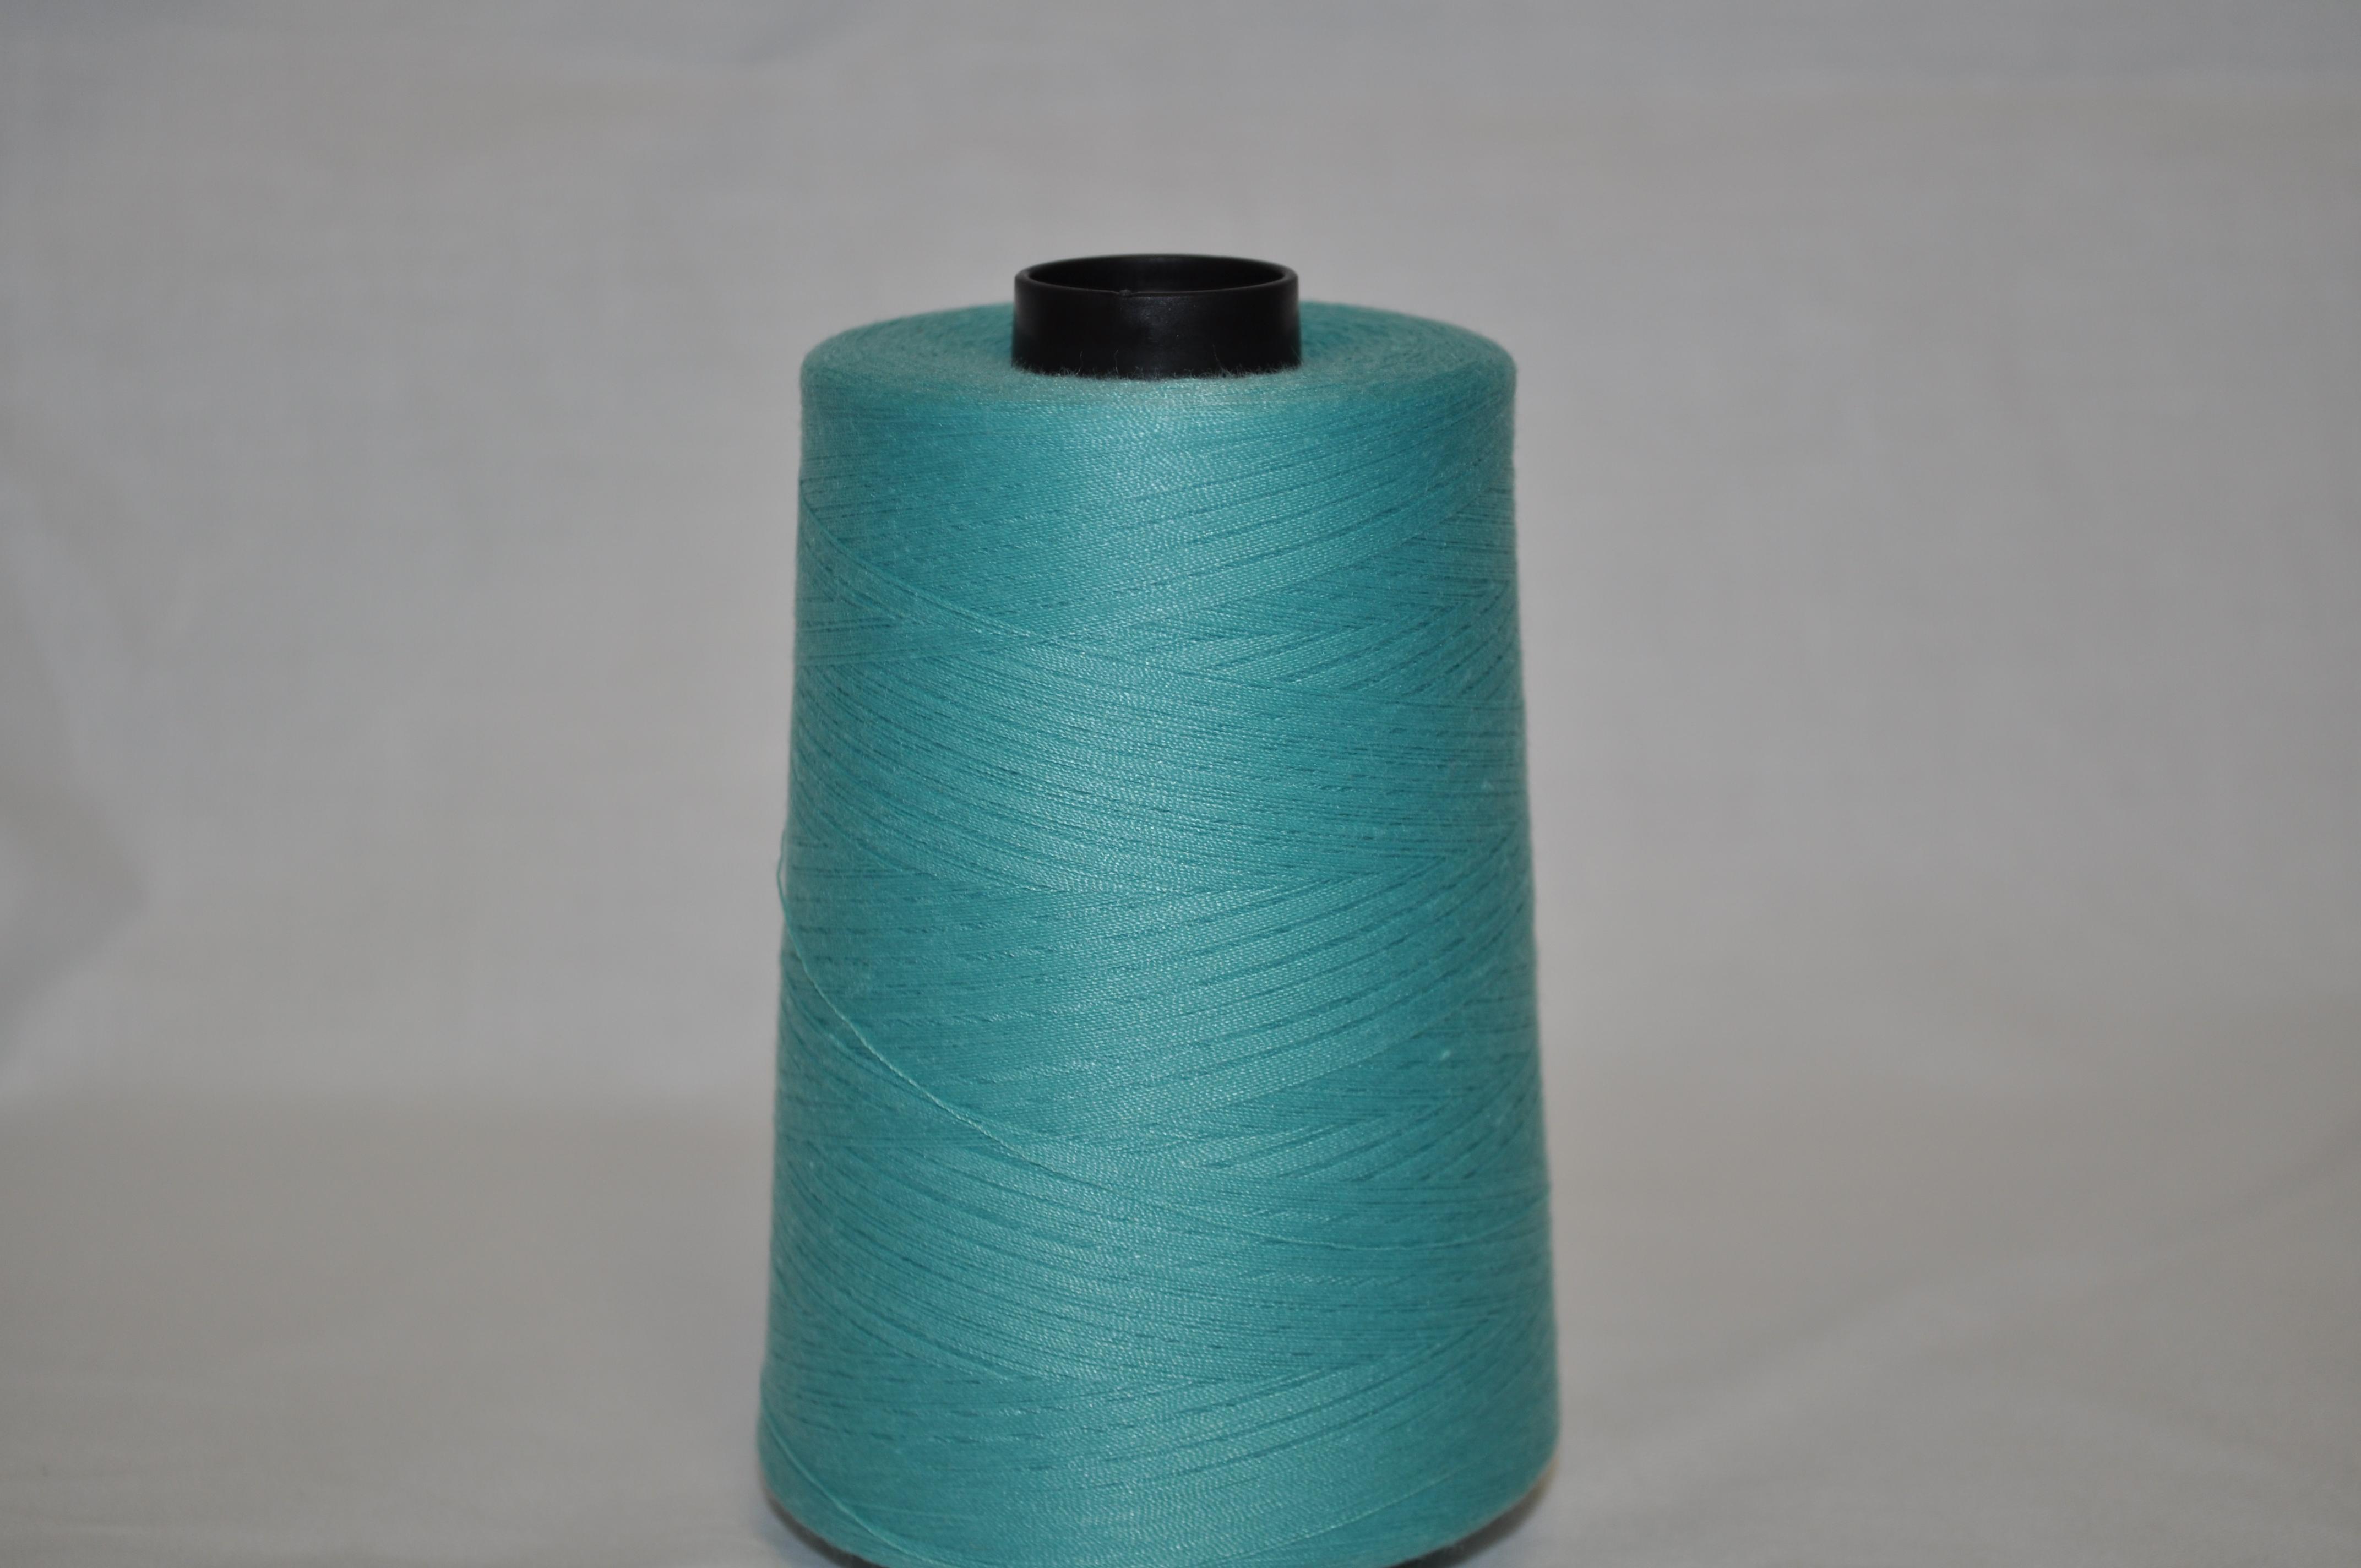 PC Bright Turquoise